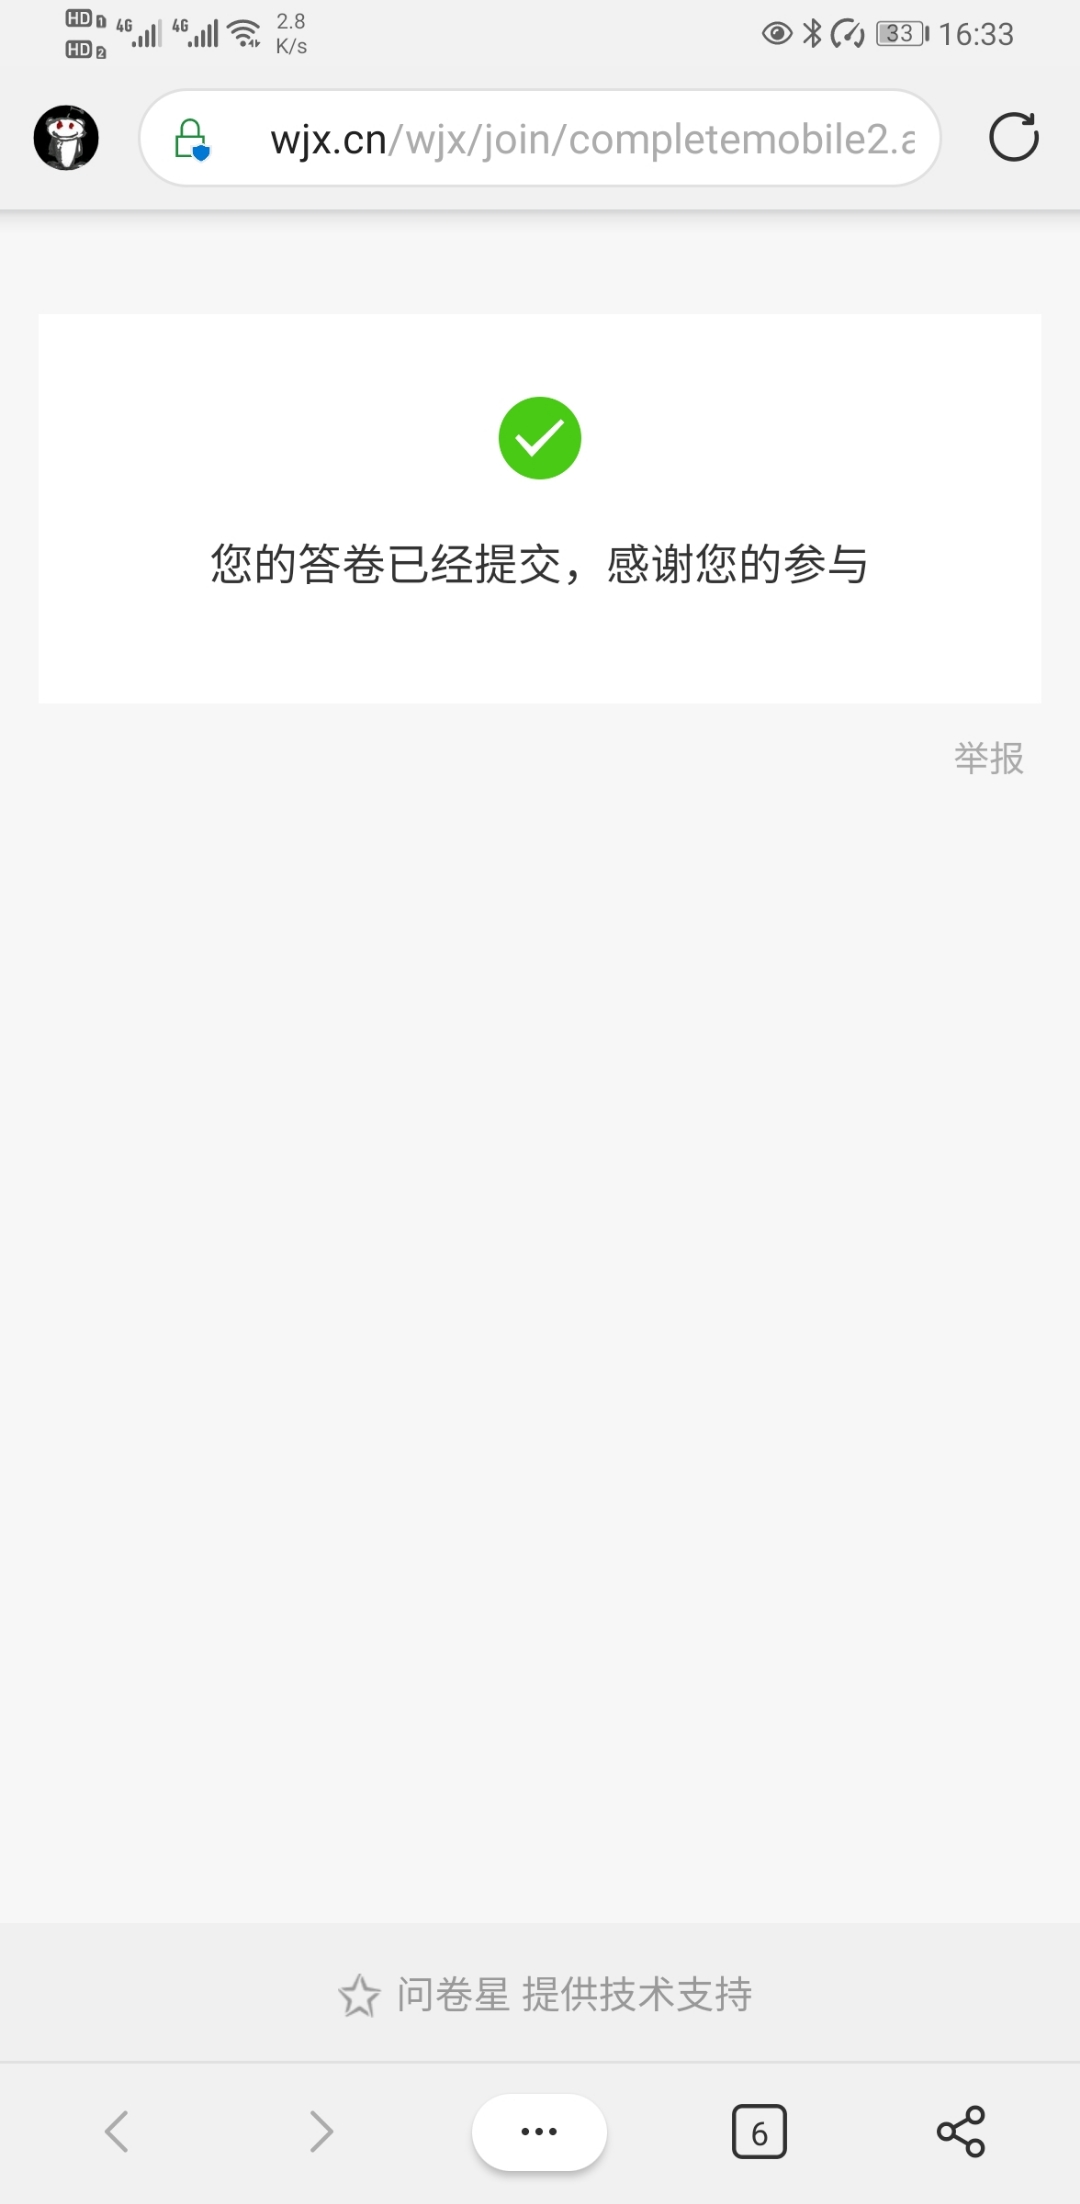 Screenshot_20210514_163305_com.microsoft.emmx.jpg